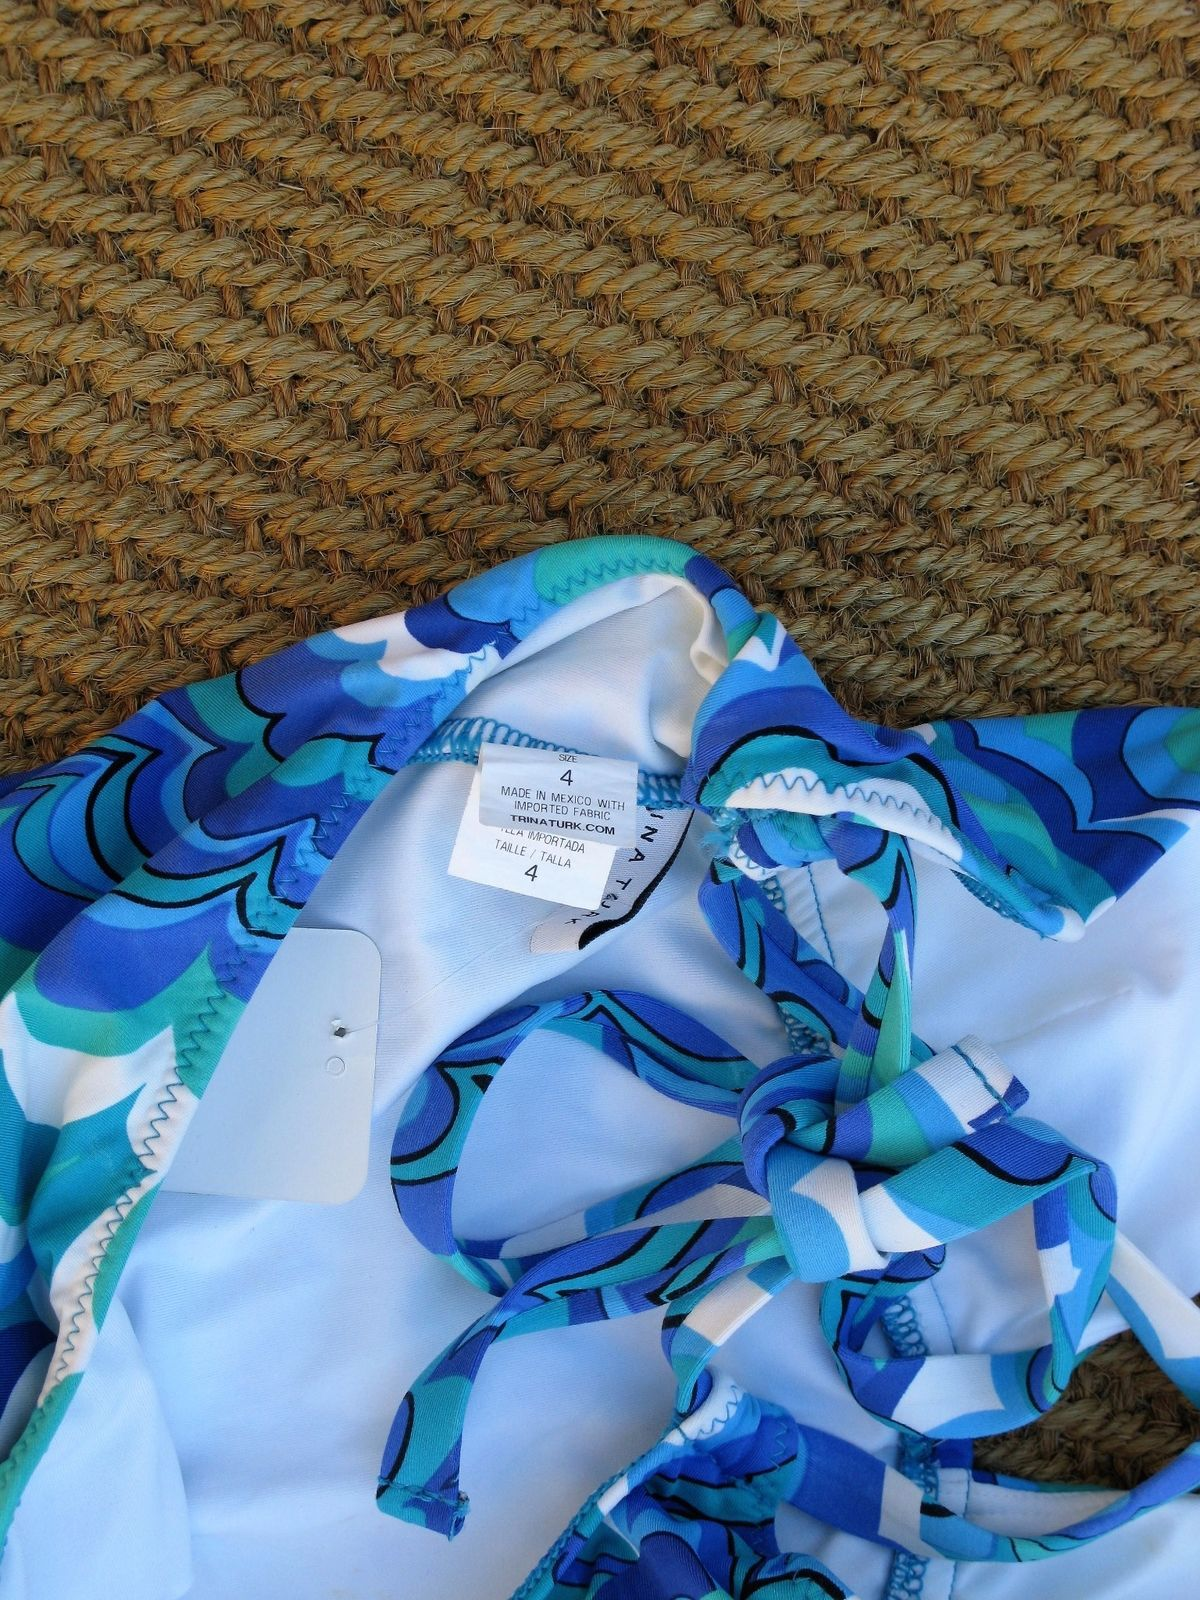 One-Piece Swimsuit Bathing Suit Trina Turk Swim Suit 4 $140 MSRP